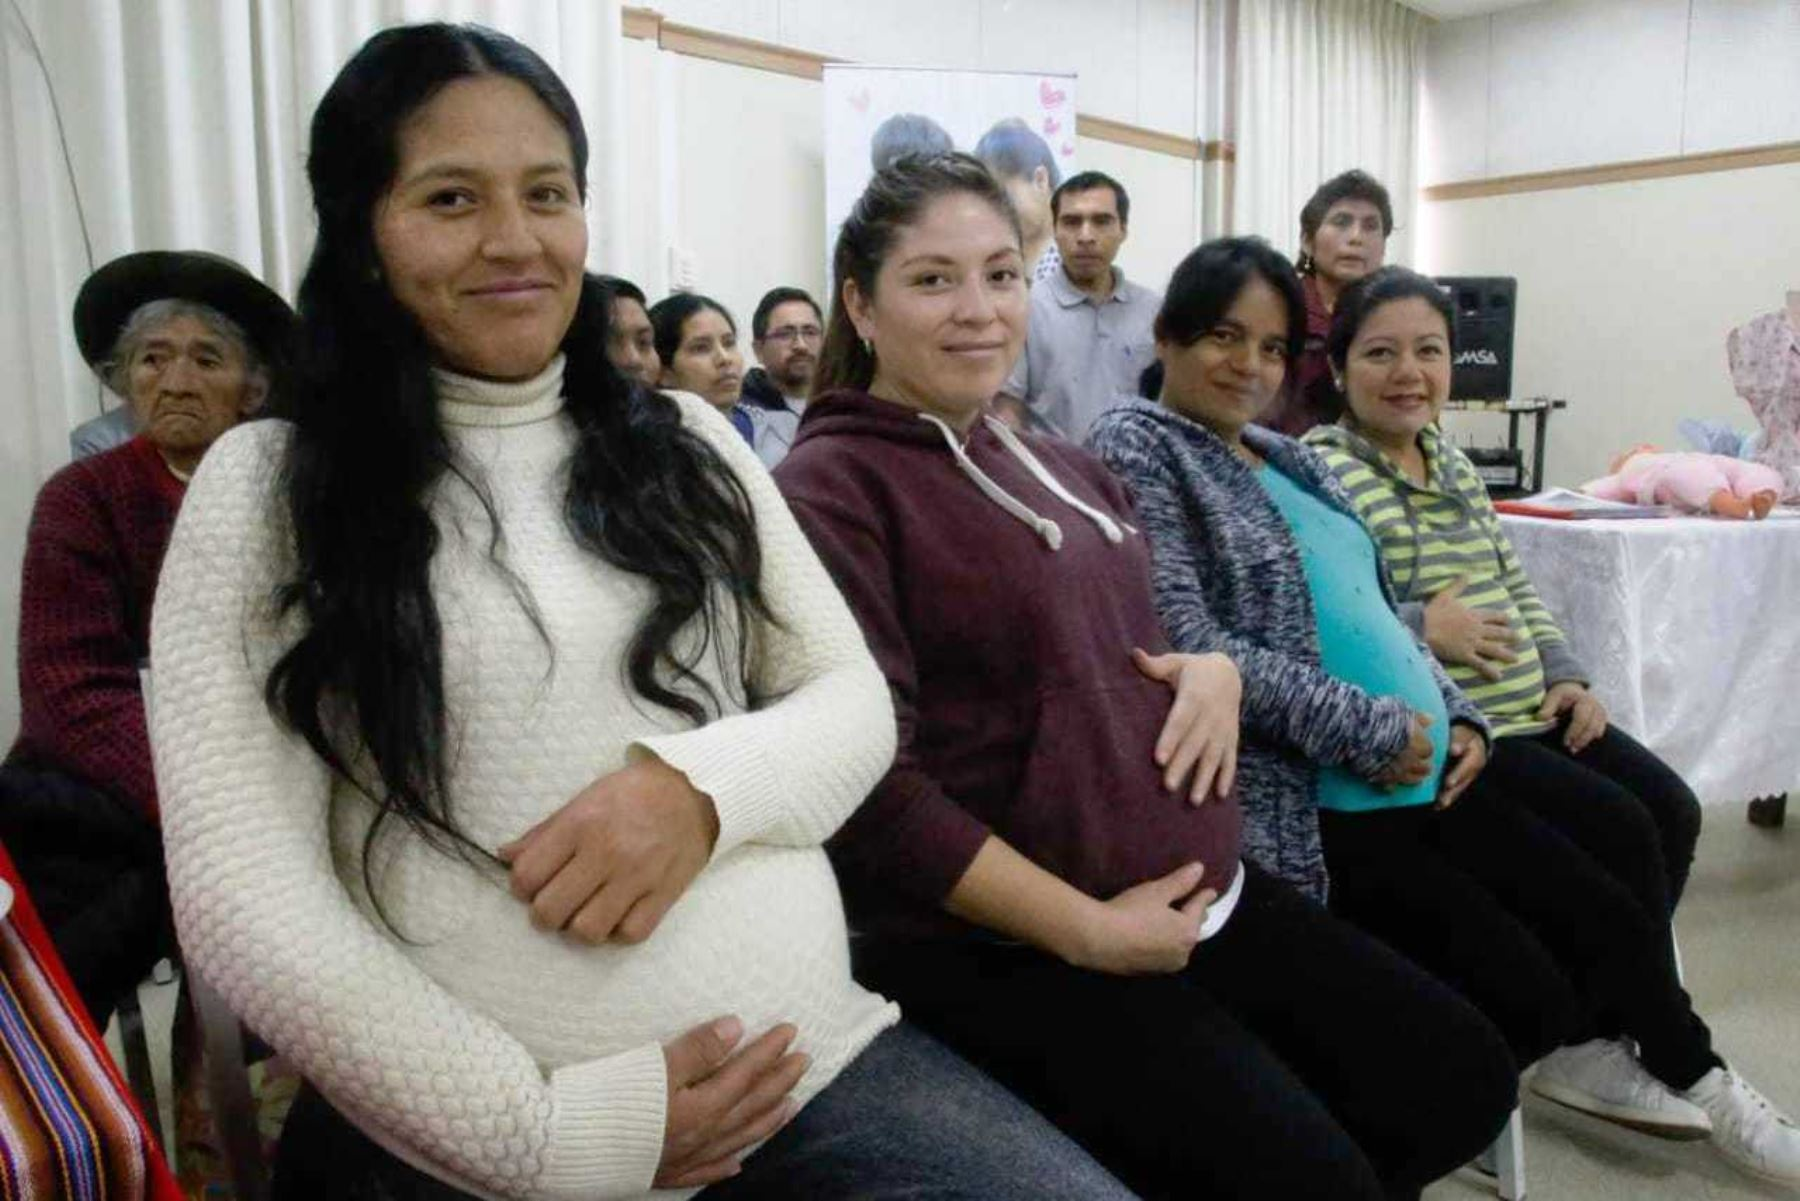 Recomendaciones a las gestantes para el inicio de la lactancia materna. Foto: ANDINA/Difusión.